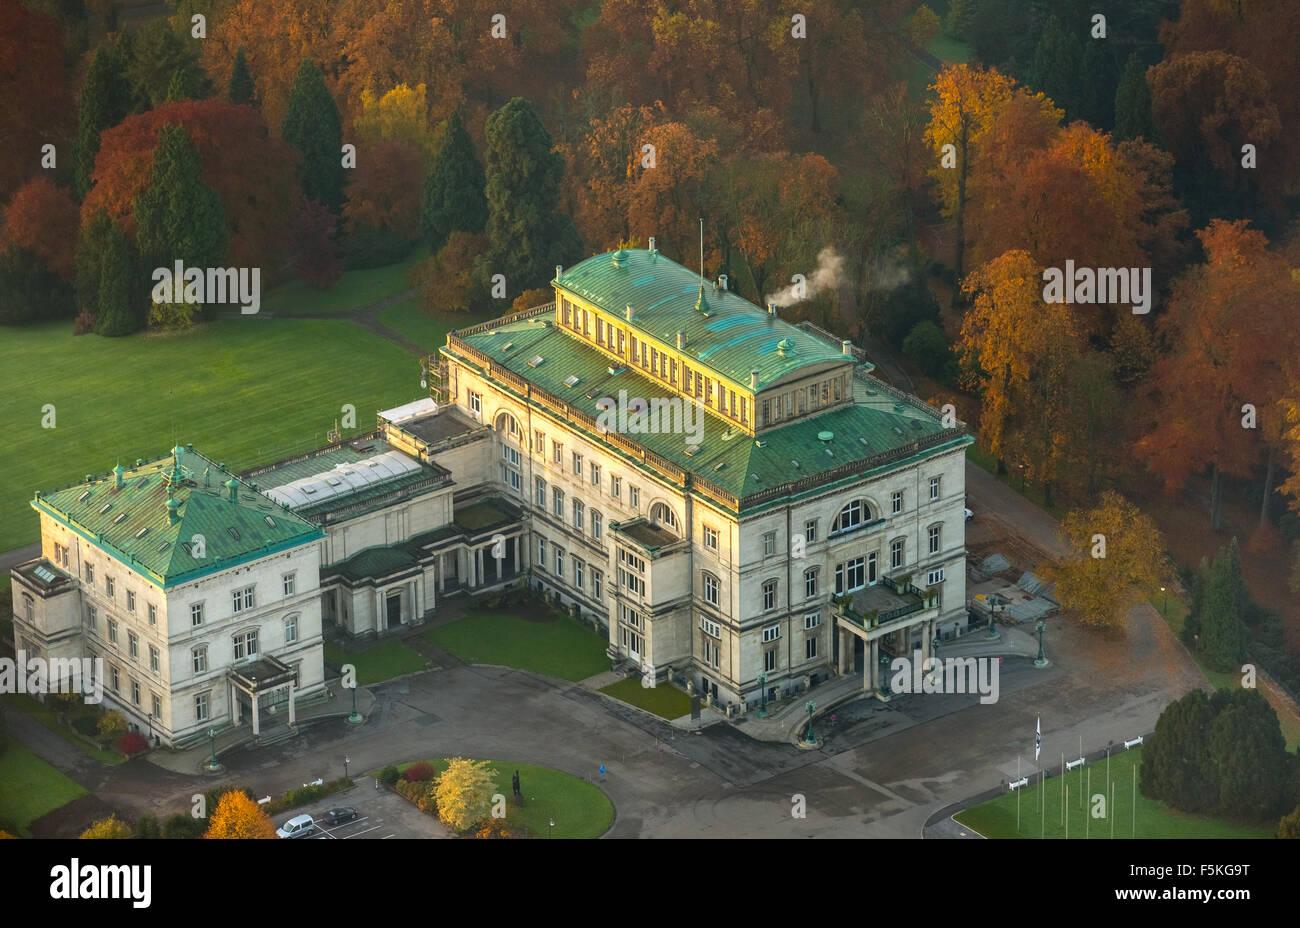 Villa Hügel at the lake Baldeney,  former family home of the Krupp family, Stock Photo